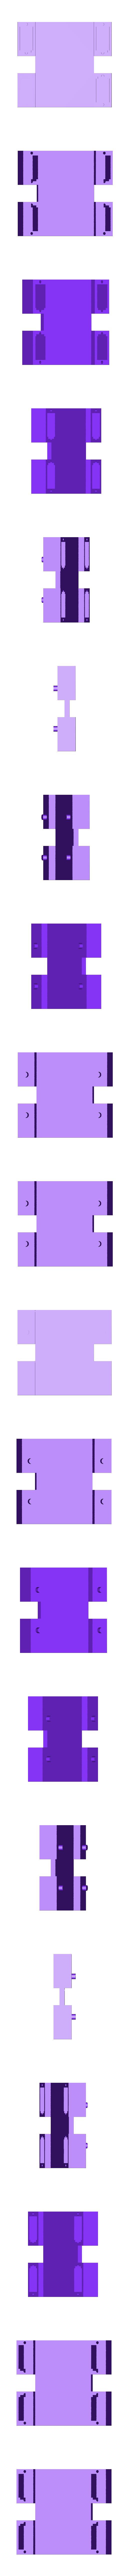 frame.stl Download free STL file Quadruped Walker Robot • 3D print object, indigo4